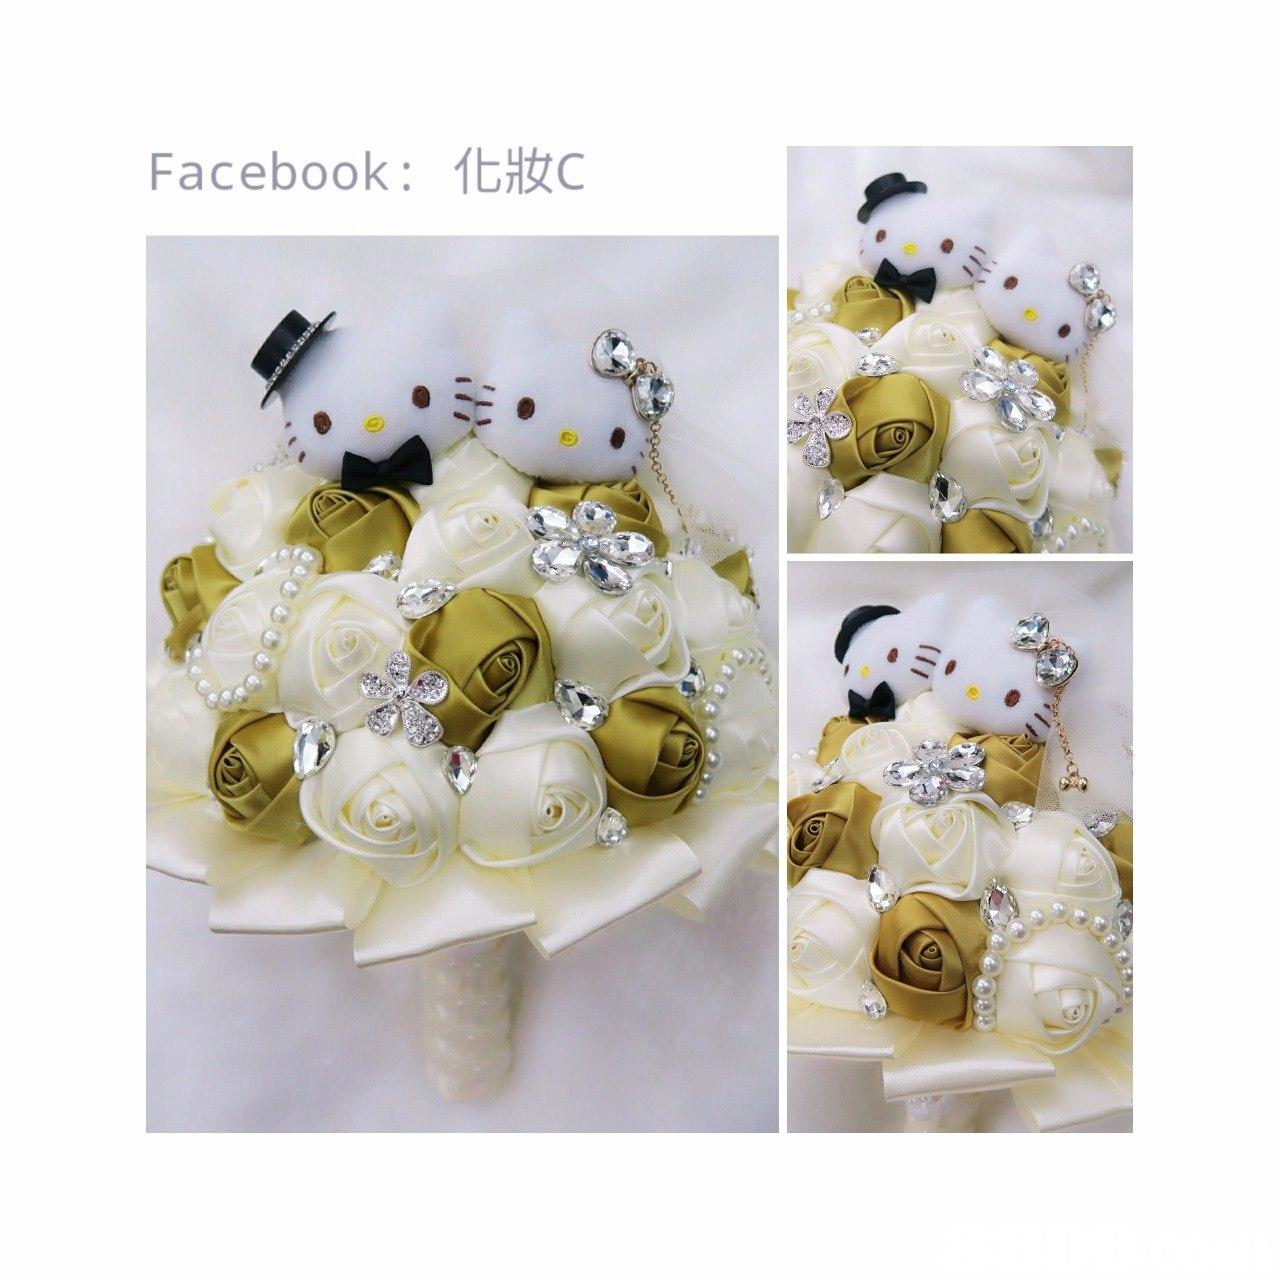 Facebook: 化妝C,flower,flower bouquet,cut flowers,petal,material